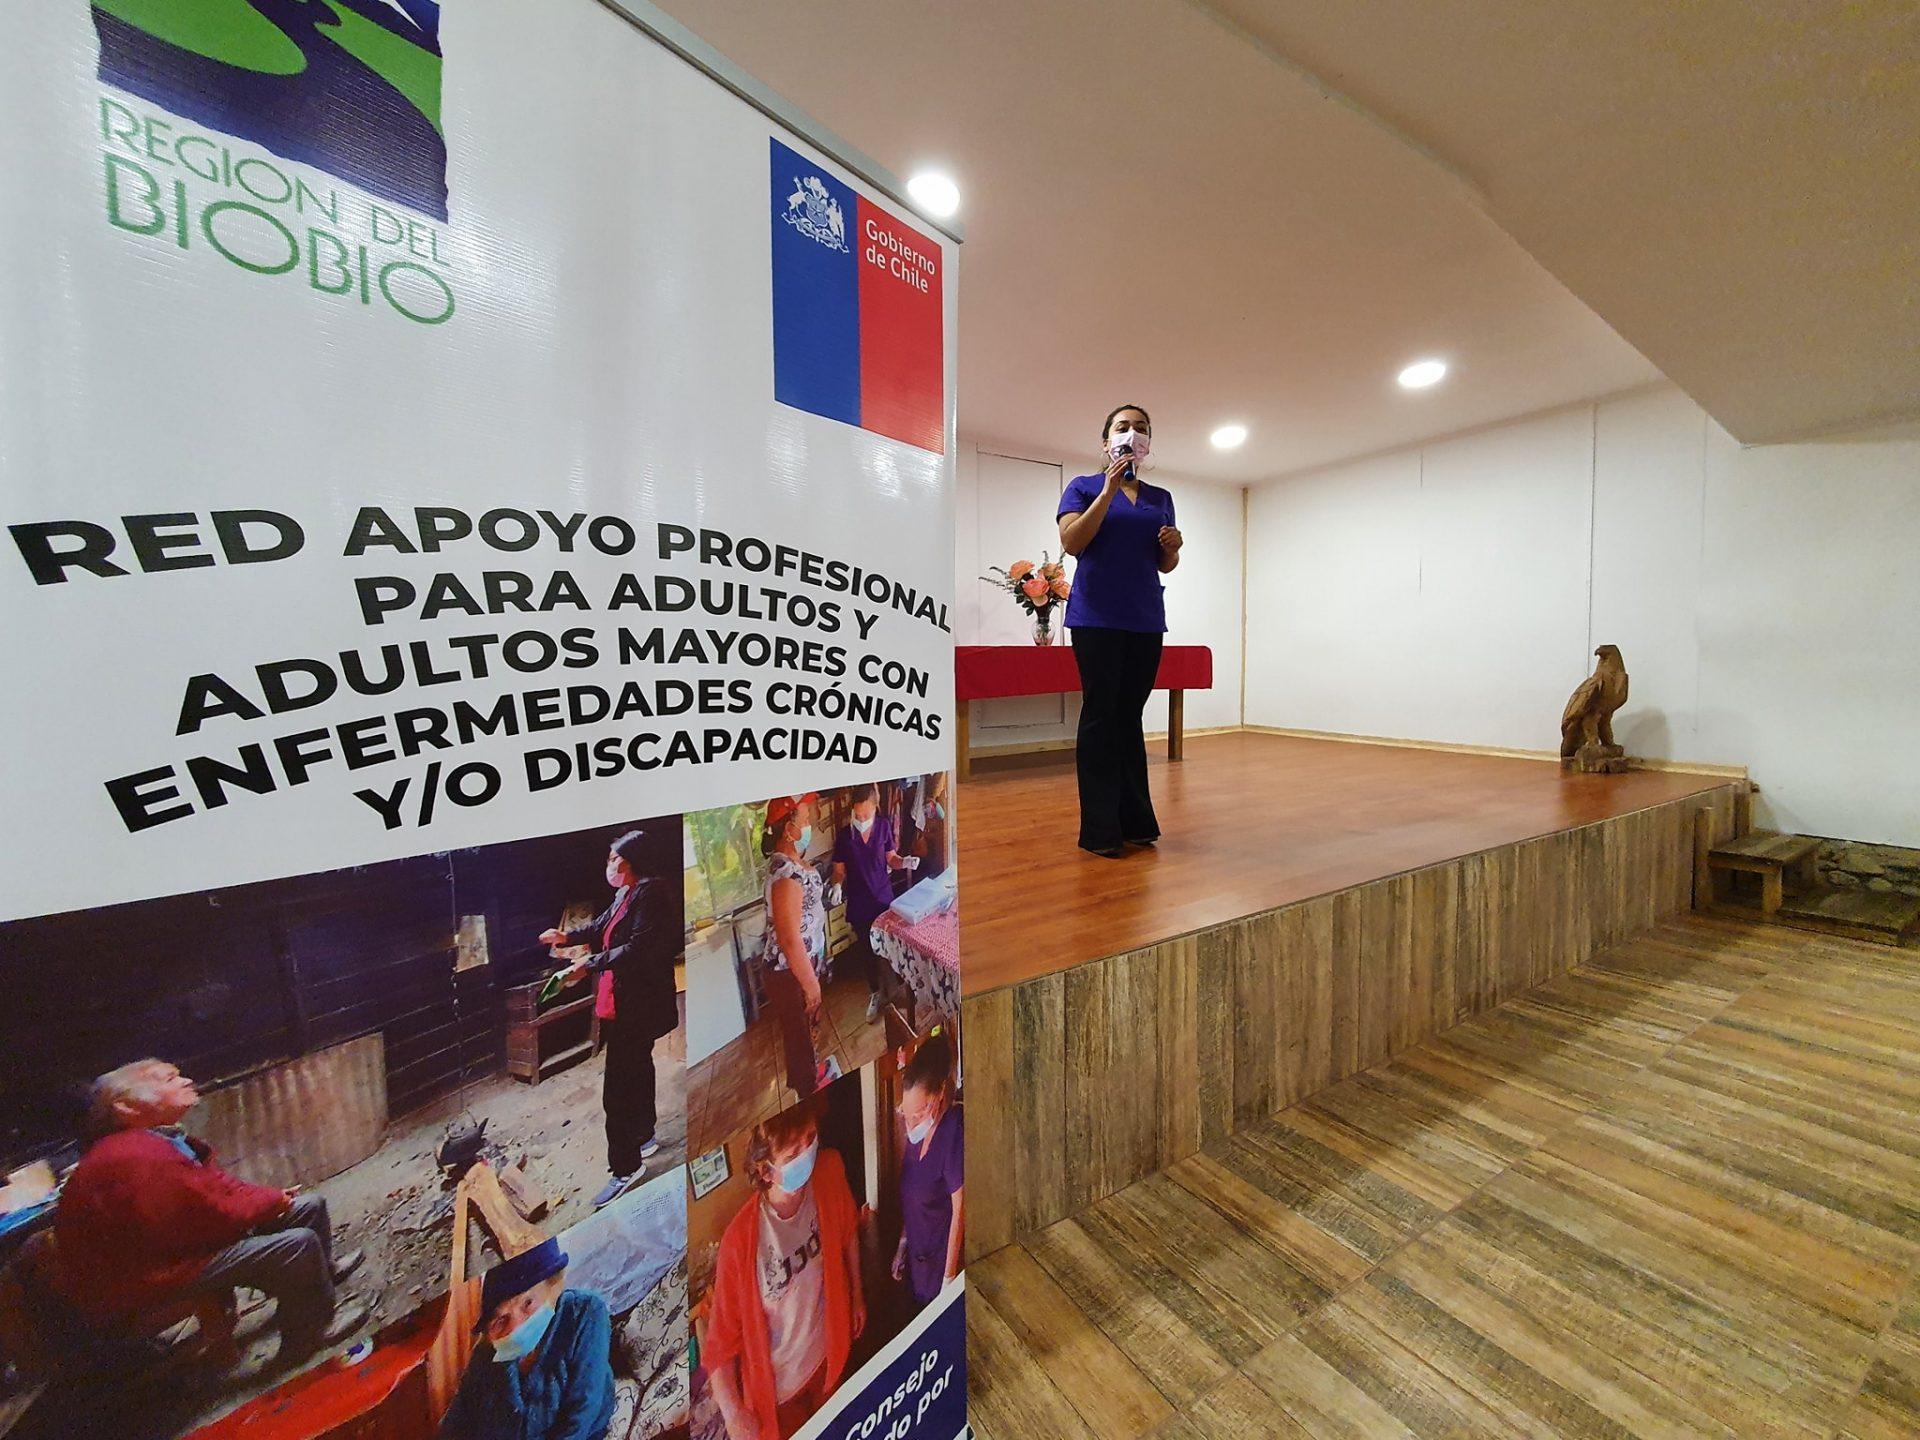 REALIZAN CEREMONIA DE CIERRE DEL PROGRAMA DE APOYO PROFESIONAL PARA PERSONAS MAYORES EN CAYUCUPIL